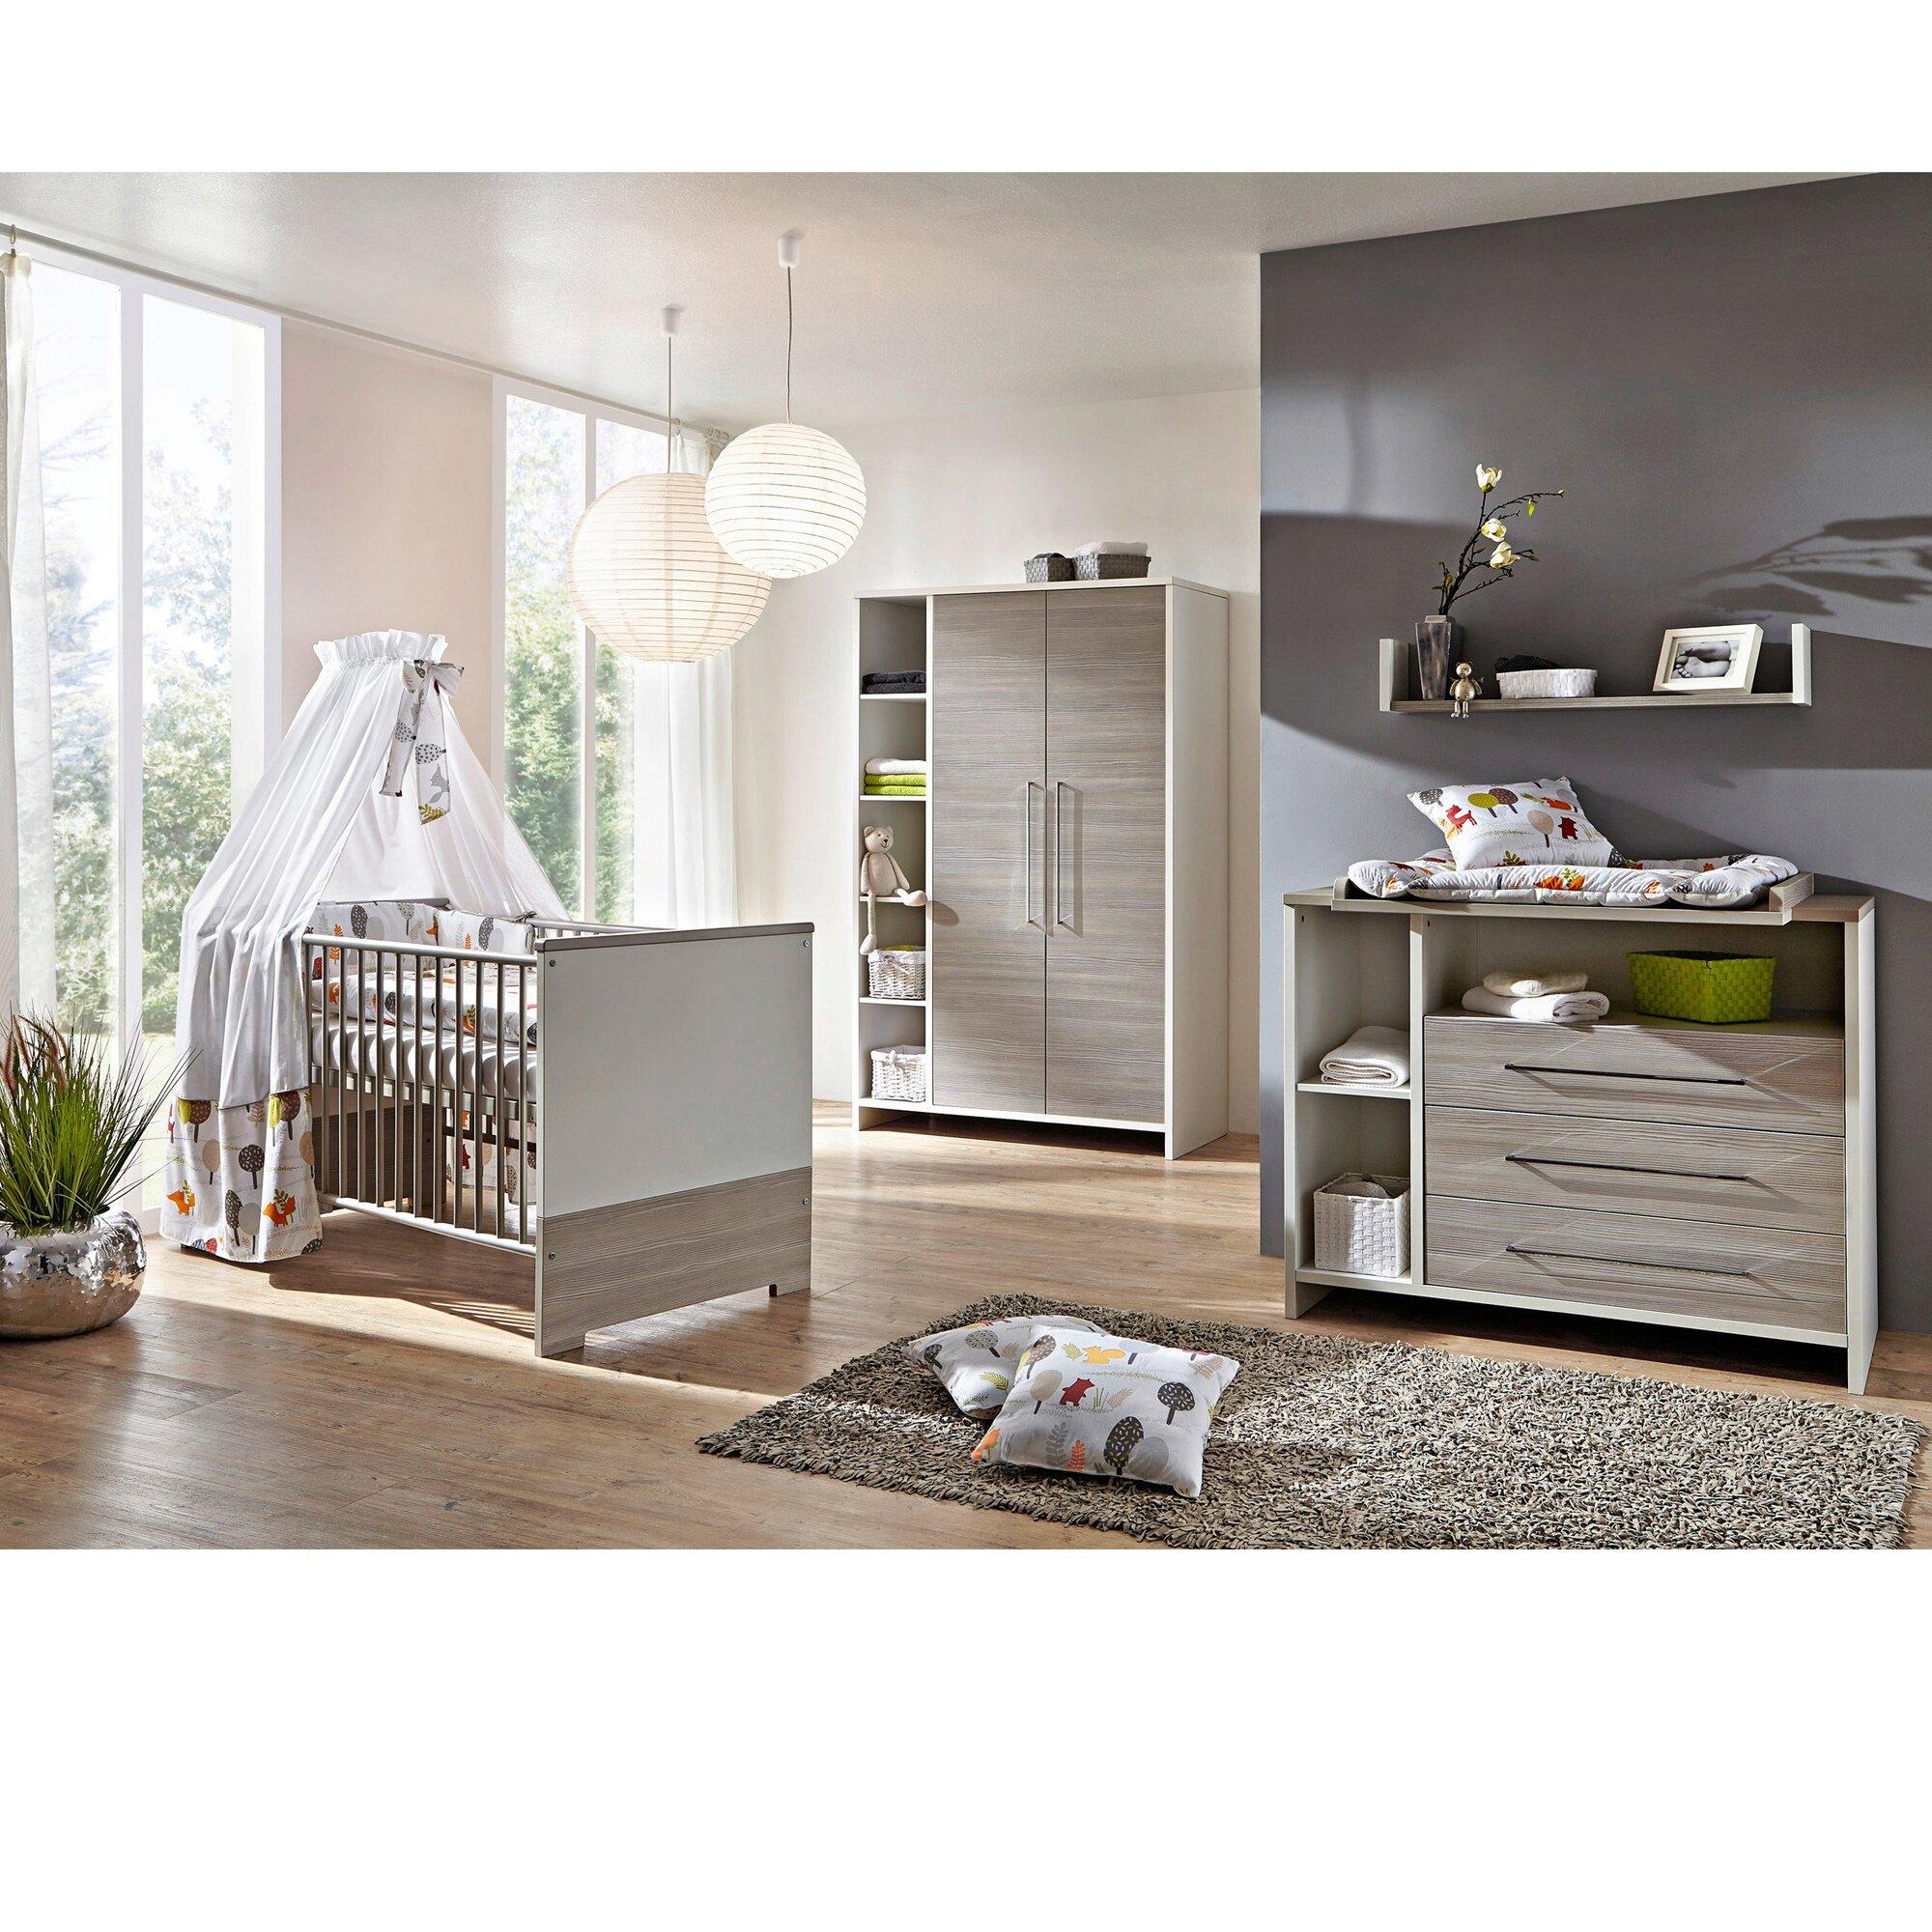 3-tlg. Babyzimmer Eco Silber mit 2-türigem Kleiderschrank